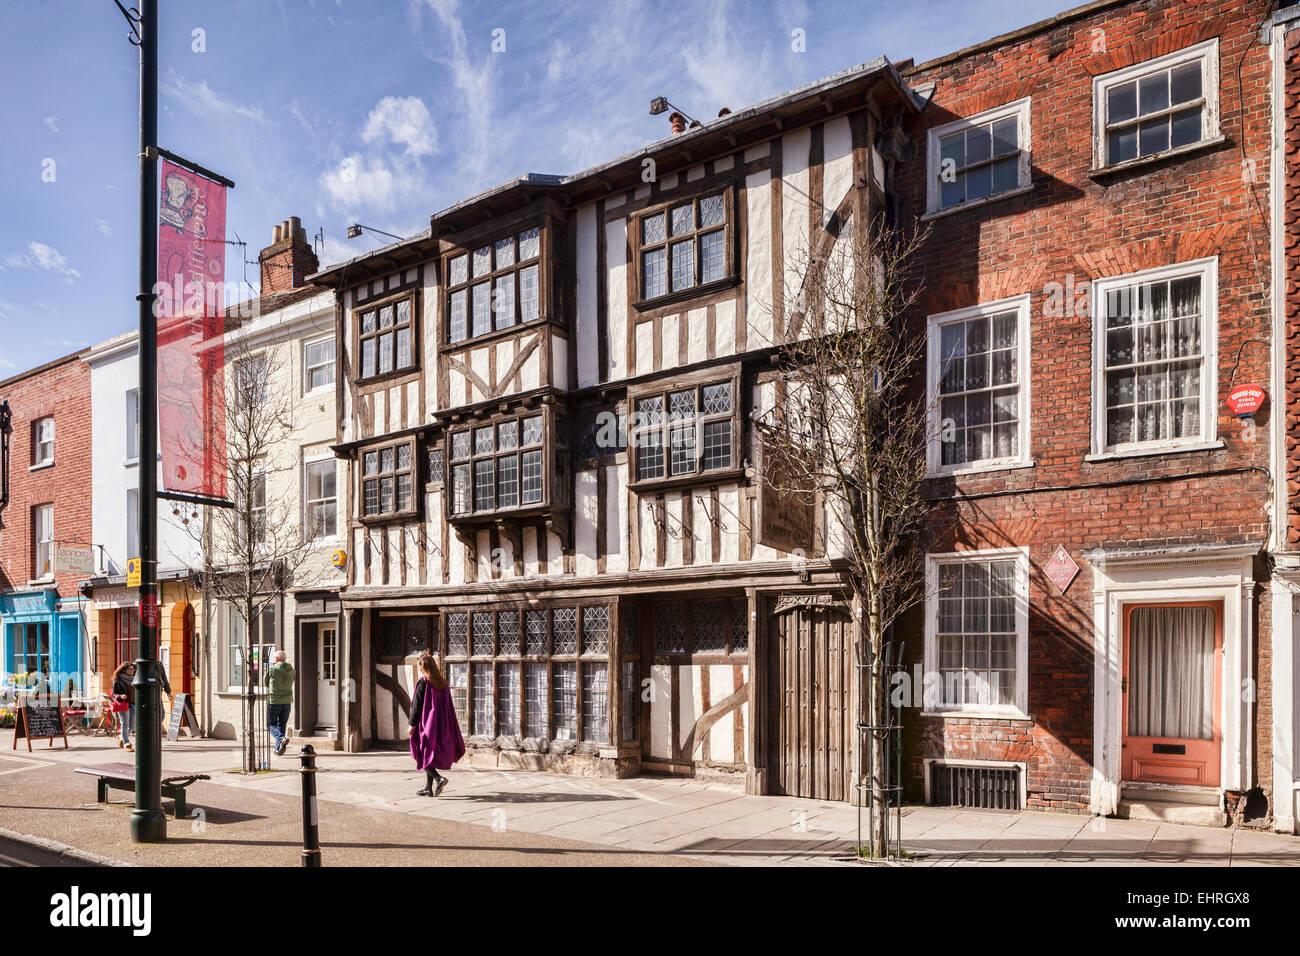 Conquête House, un bâtiment historique de Kent, dans Palace Street, Canterbury, Kent, England, UK. Banque D'Images